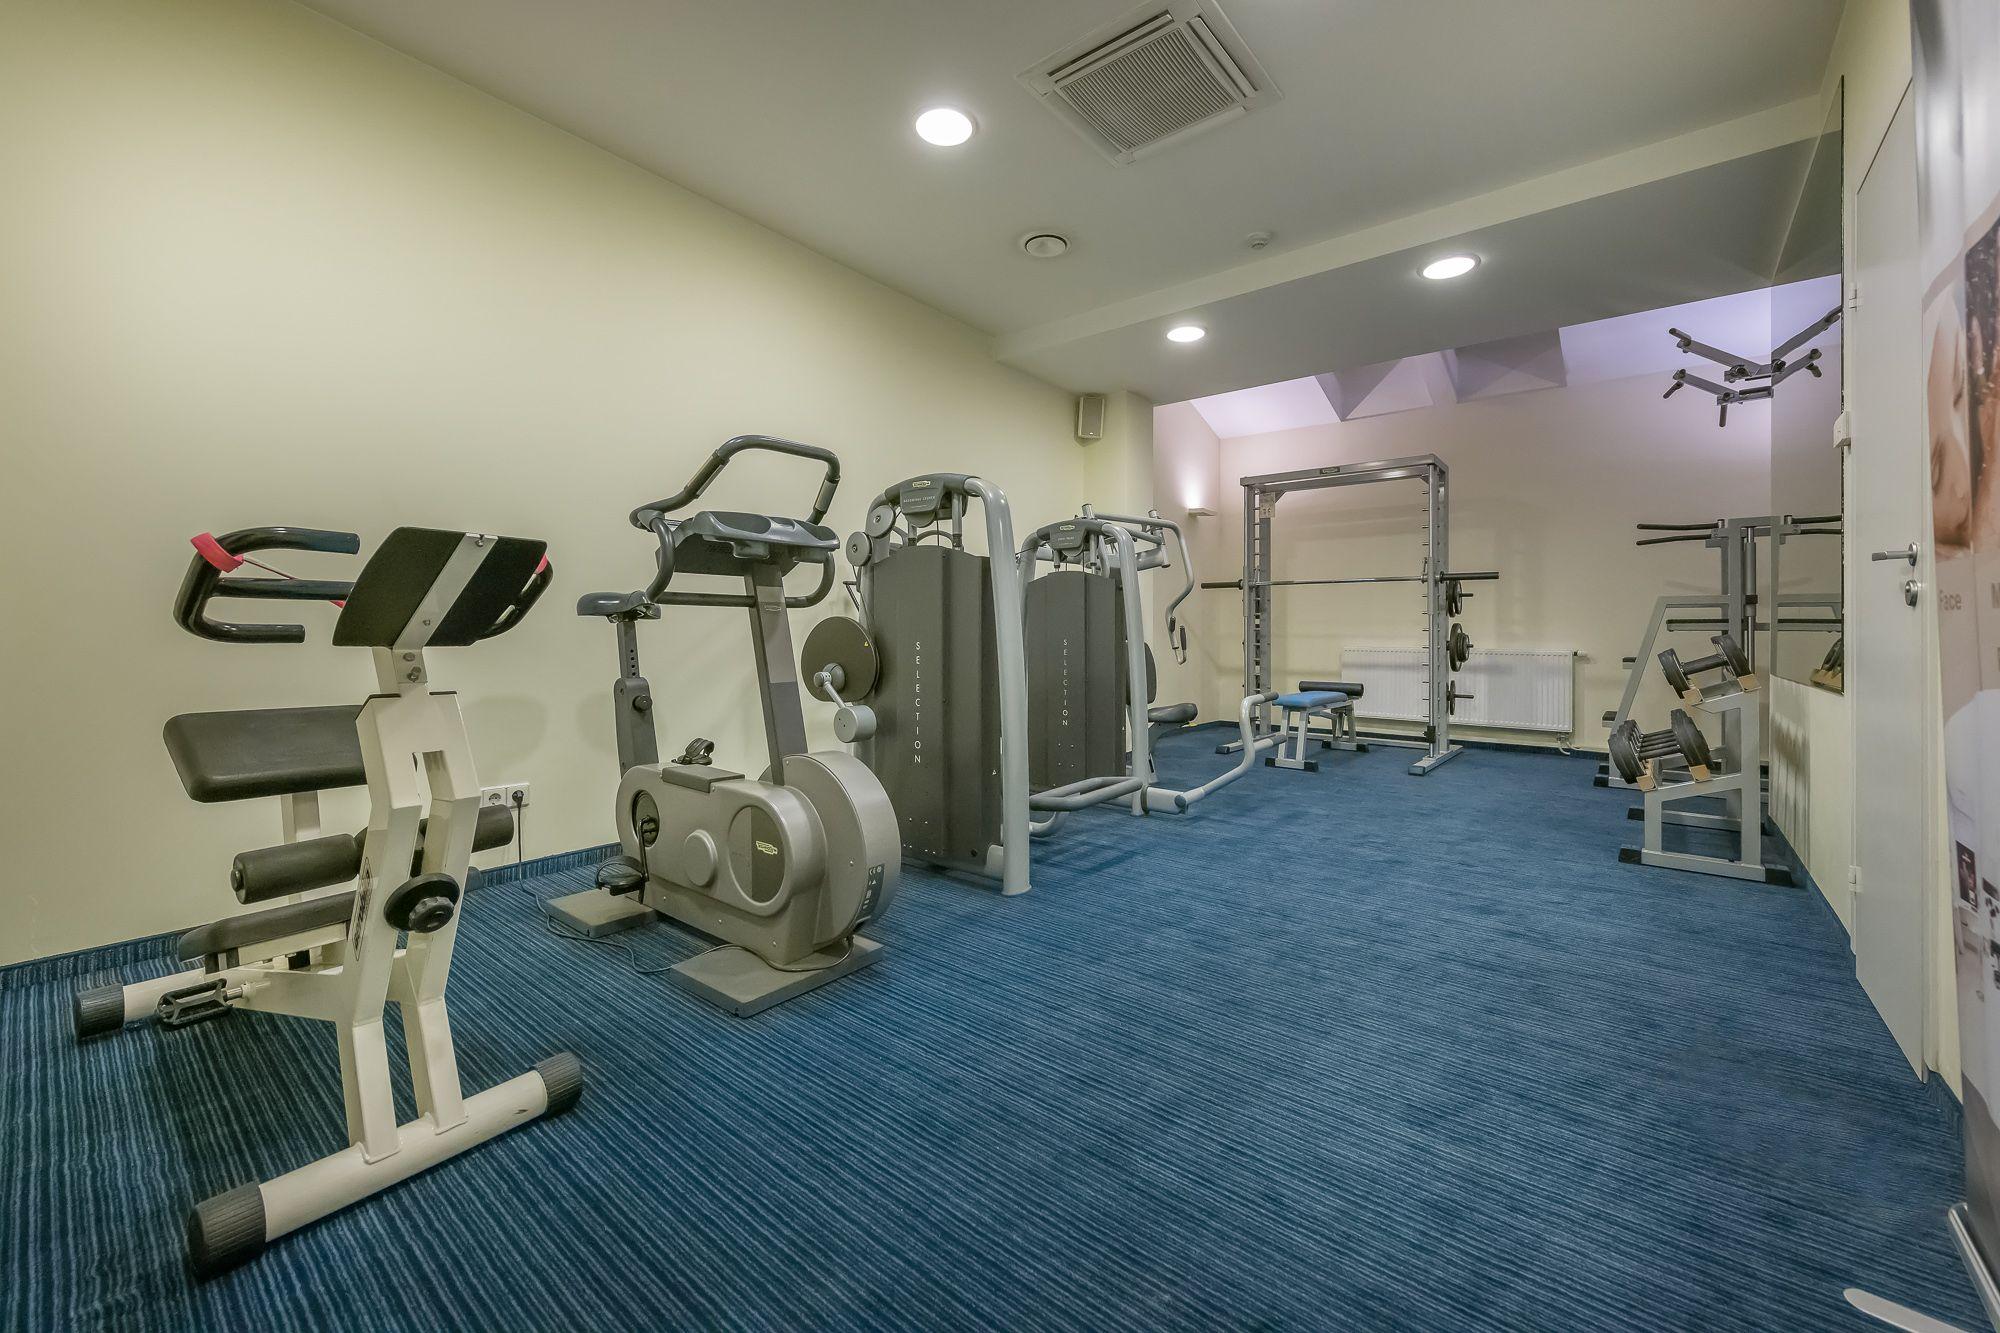 Artis Hotel Gym